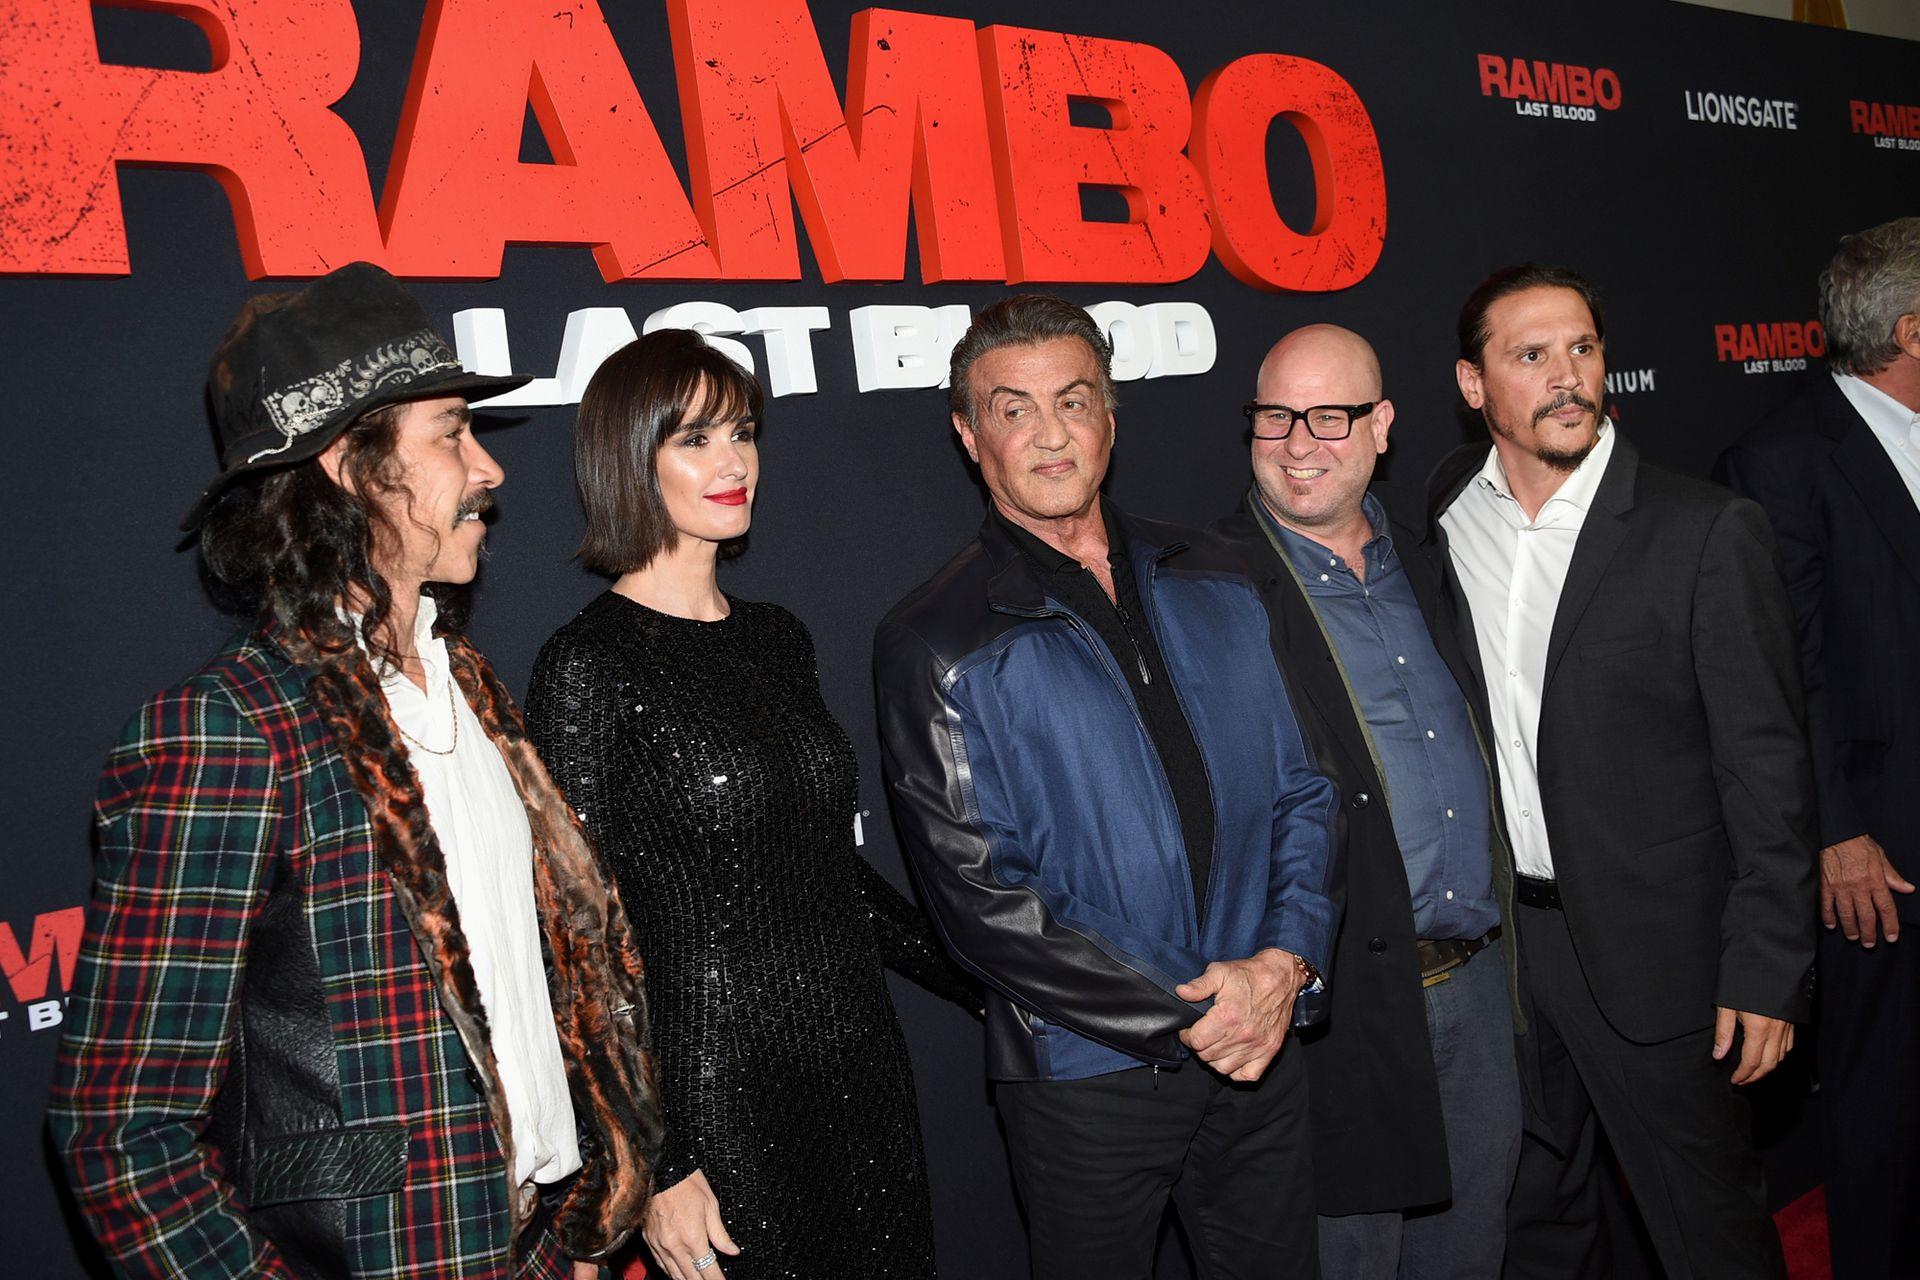 Los actores Oscar Jaenada, Paz Vega, Sylvester Stallone, Sergio Peris-Mencheta y el director Adrian Grunberg, en la avant premier de Rambo: Last Blood, en Nueva York